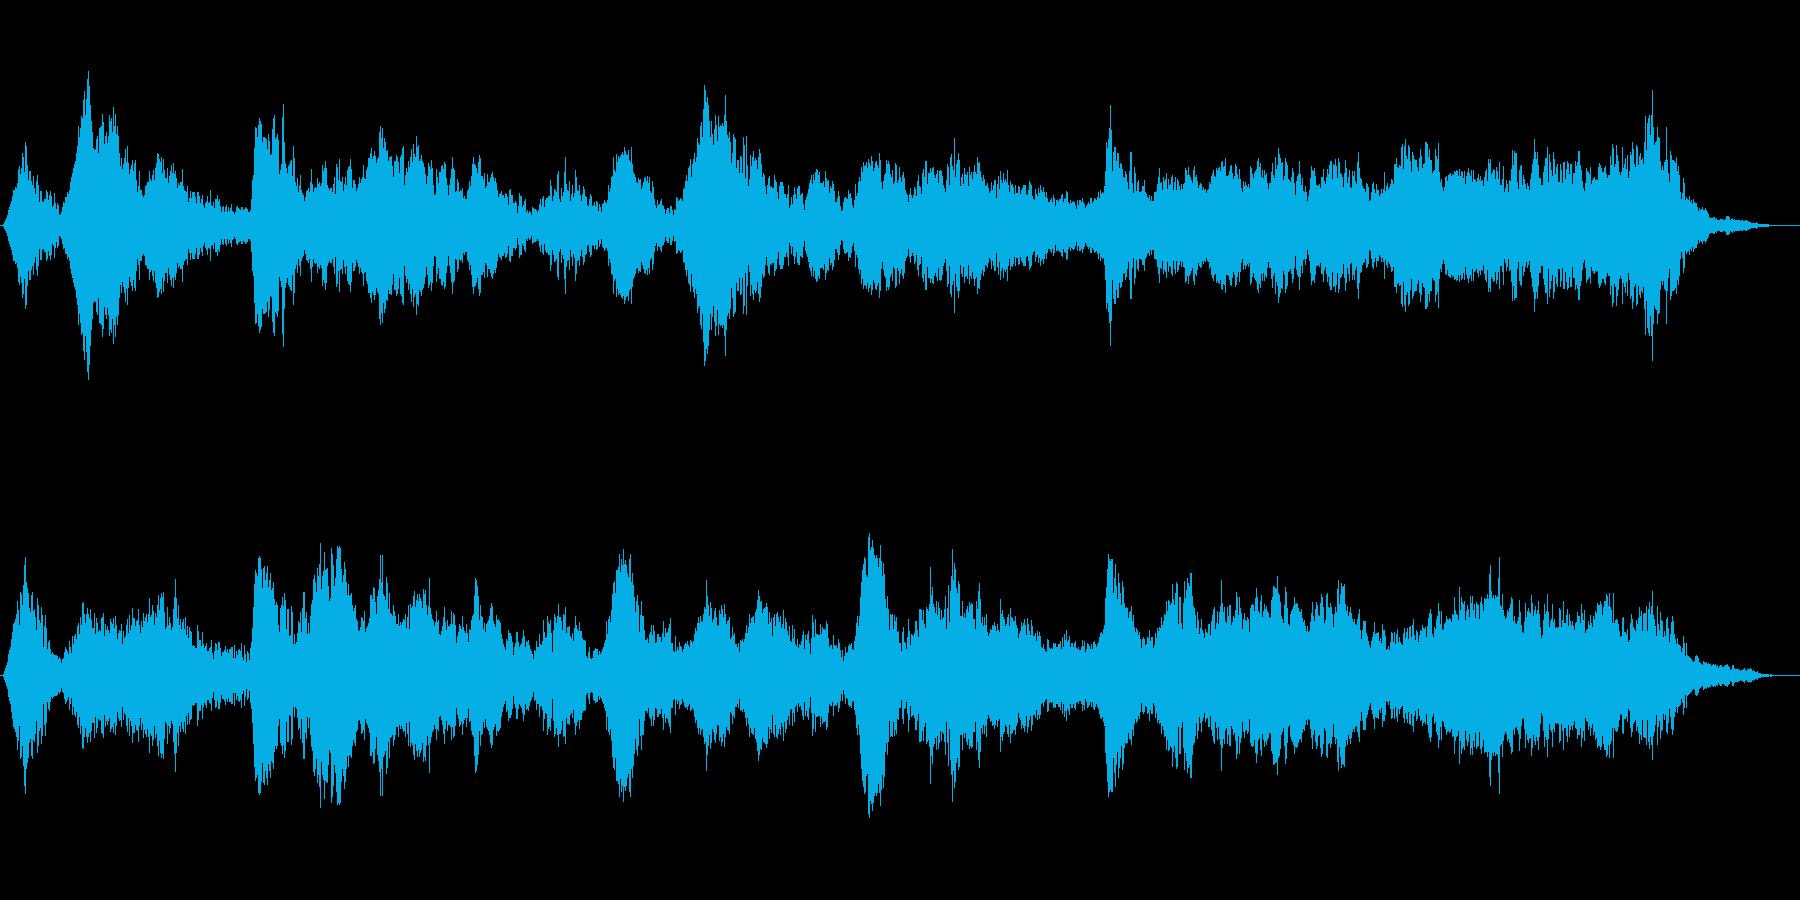 暖かみのあるアンビエントの再生済みの波形